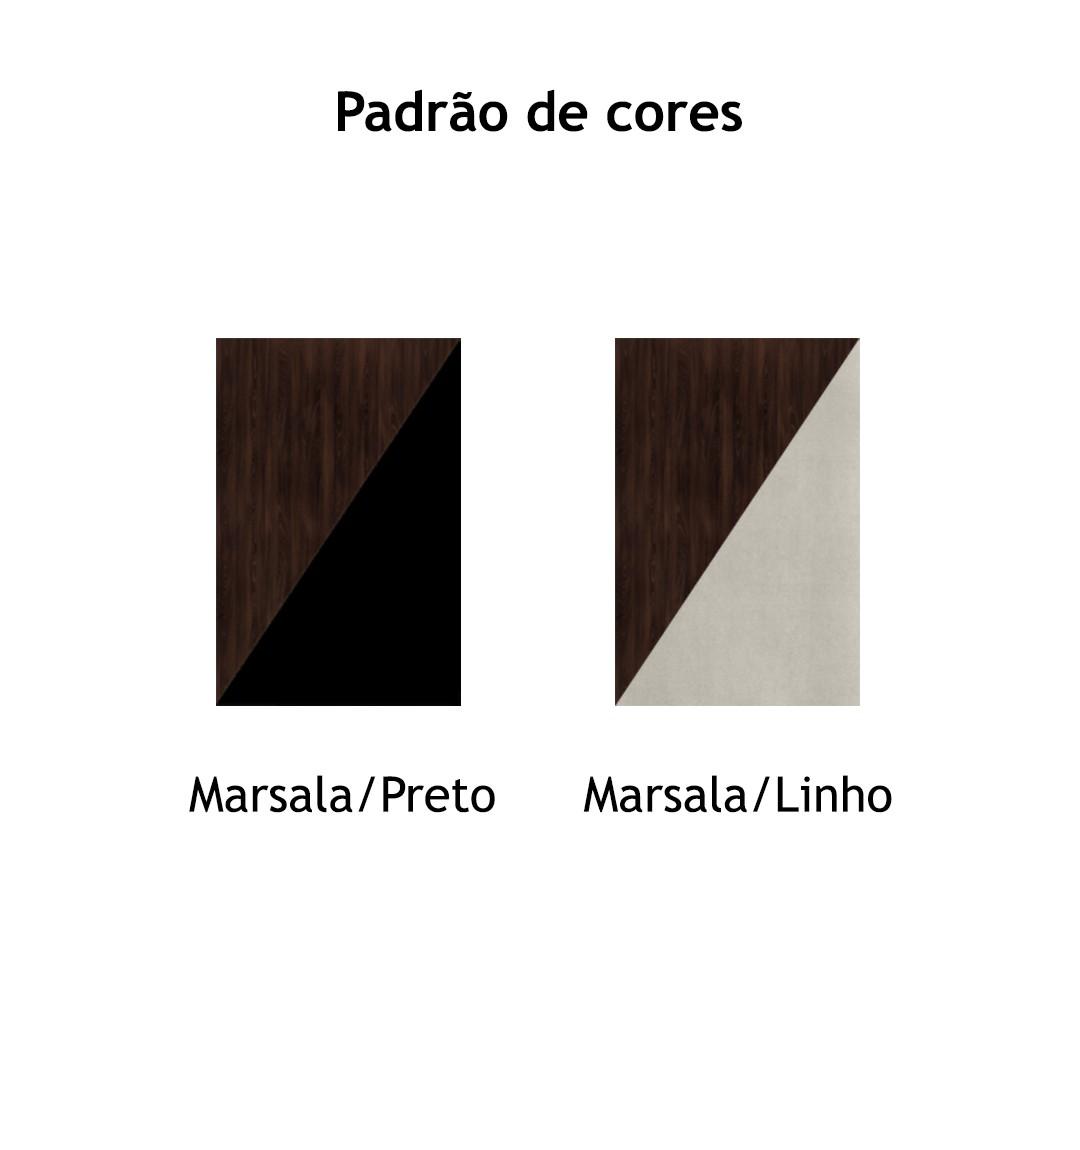 ARMÁRIO ALTO COM 2 PORTAS DE ABRIR, 8 PRATELEIRAS INTERNAS E 4 NICHOS EDGE